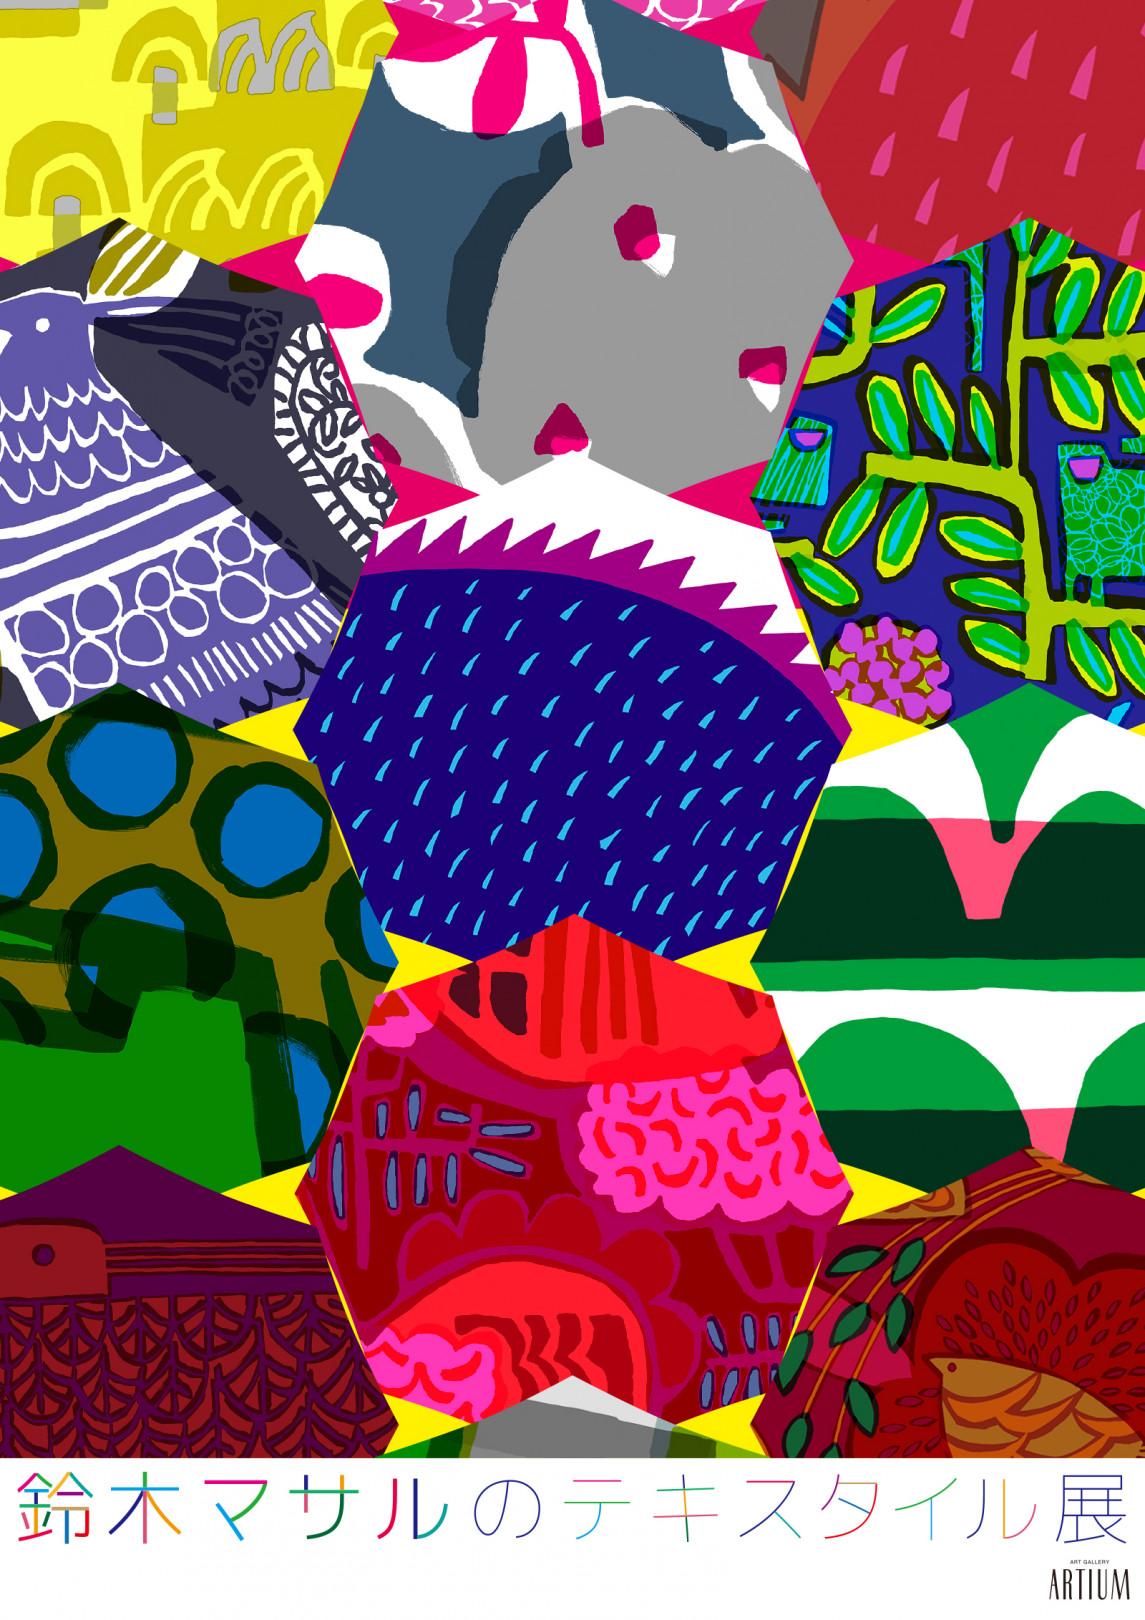 「鈴木マサルのテキスタイル展 -目に見えるもの、すべて色柄-」